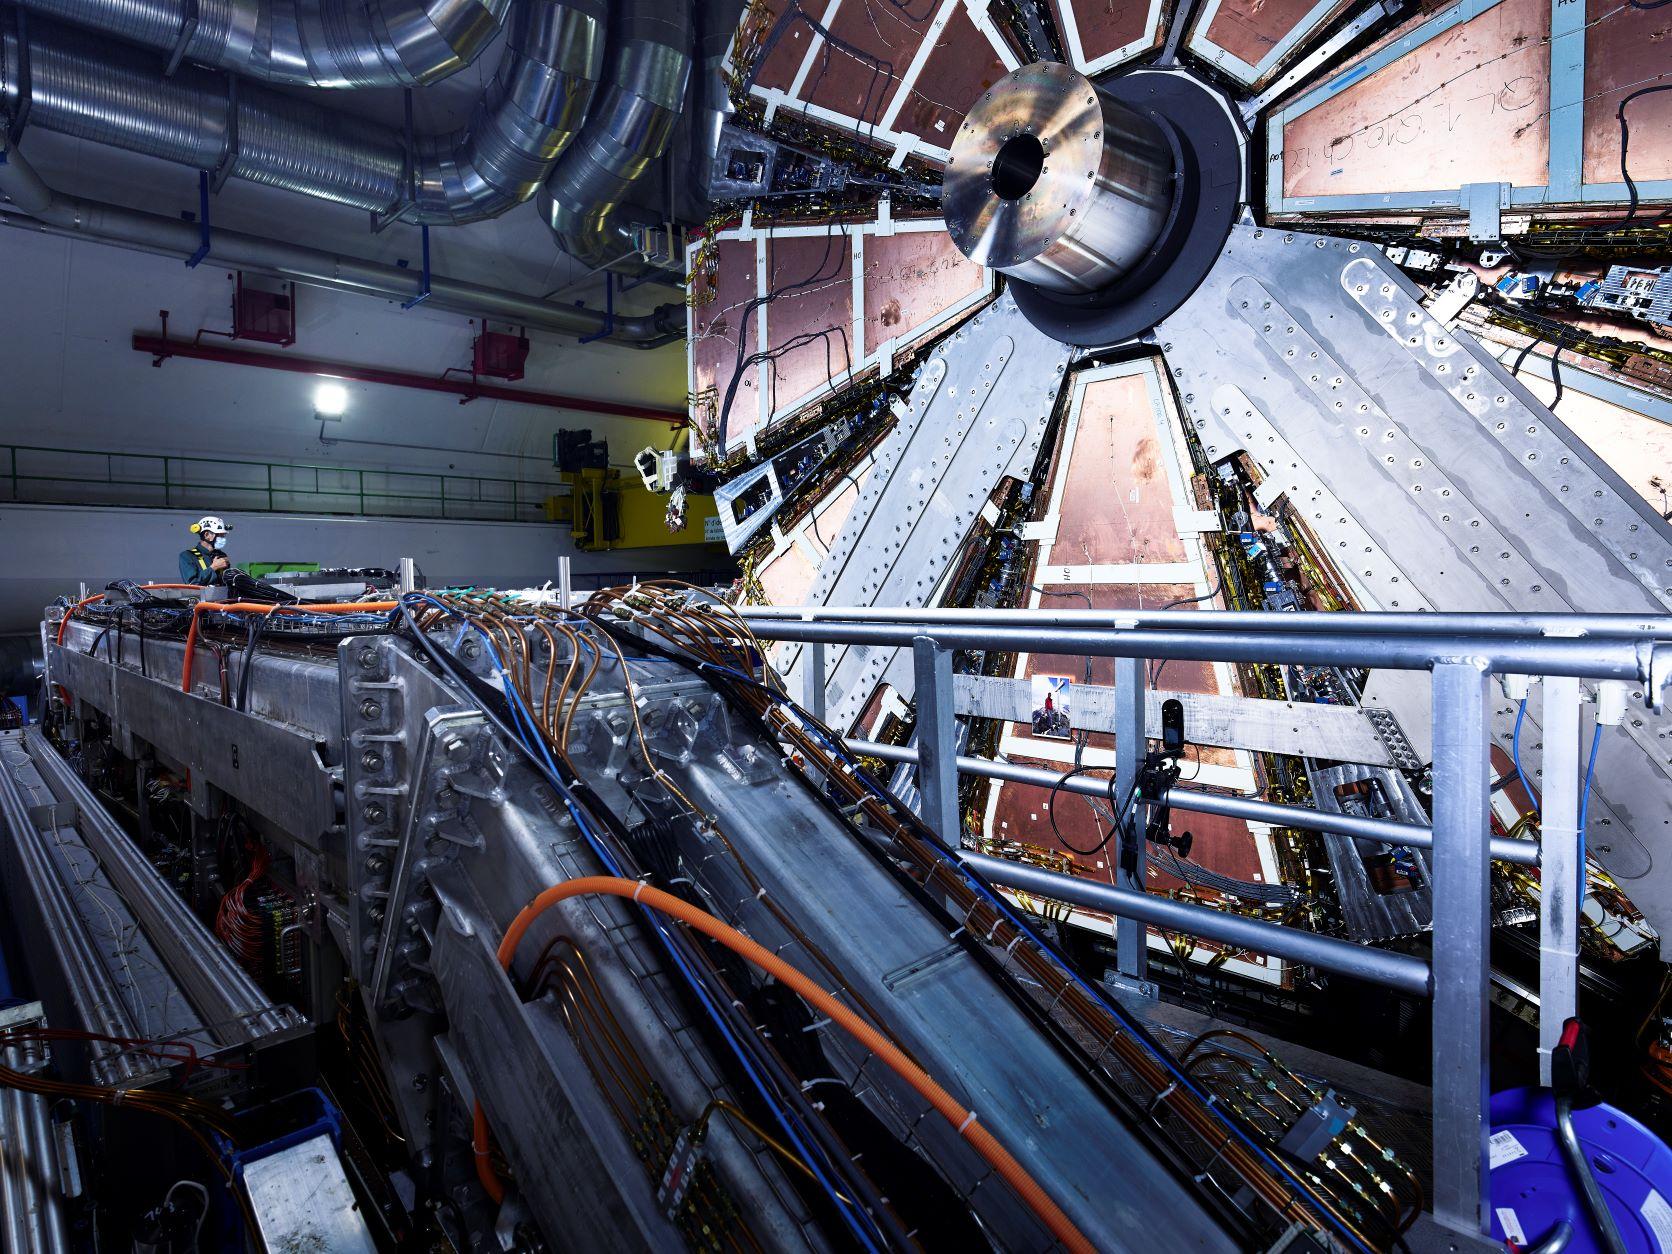 Paskelbtas CERN inkubatoriaus Lietuvoje programos laimėtojas, atrinktas vystyti verslą su CERN technologijų pagalba